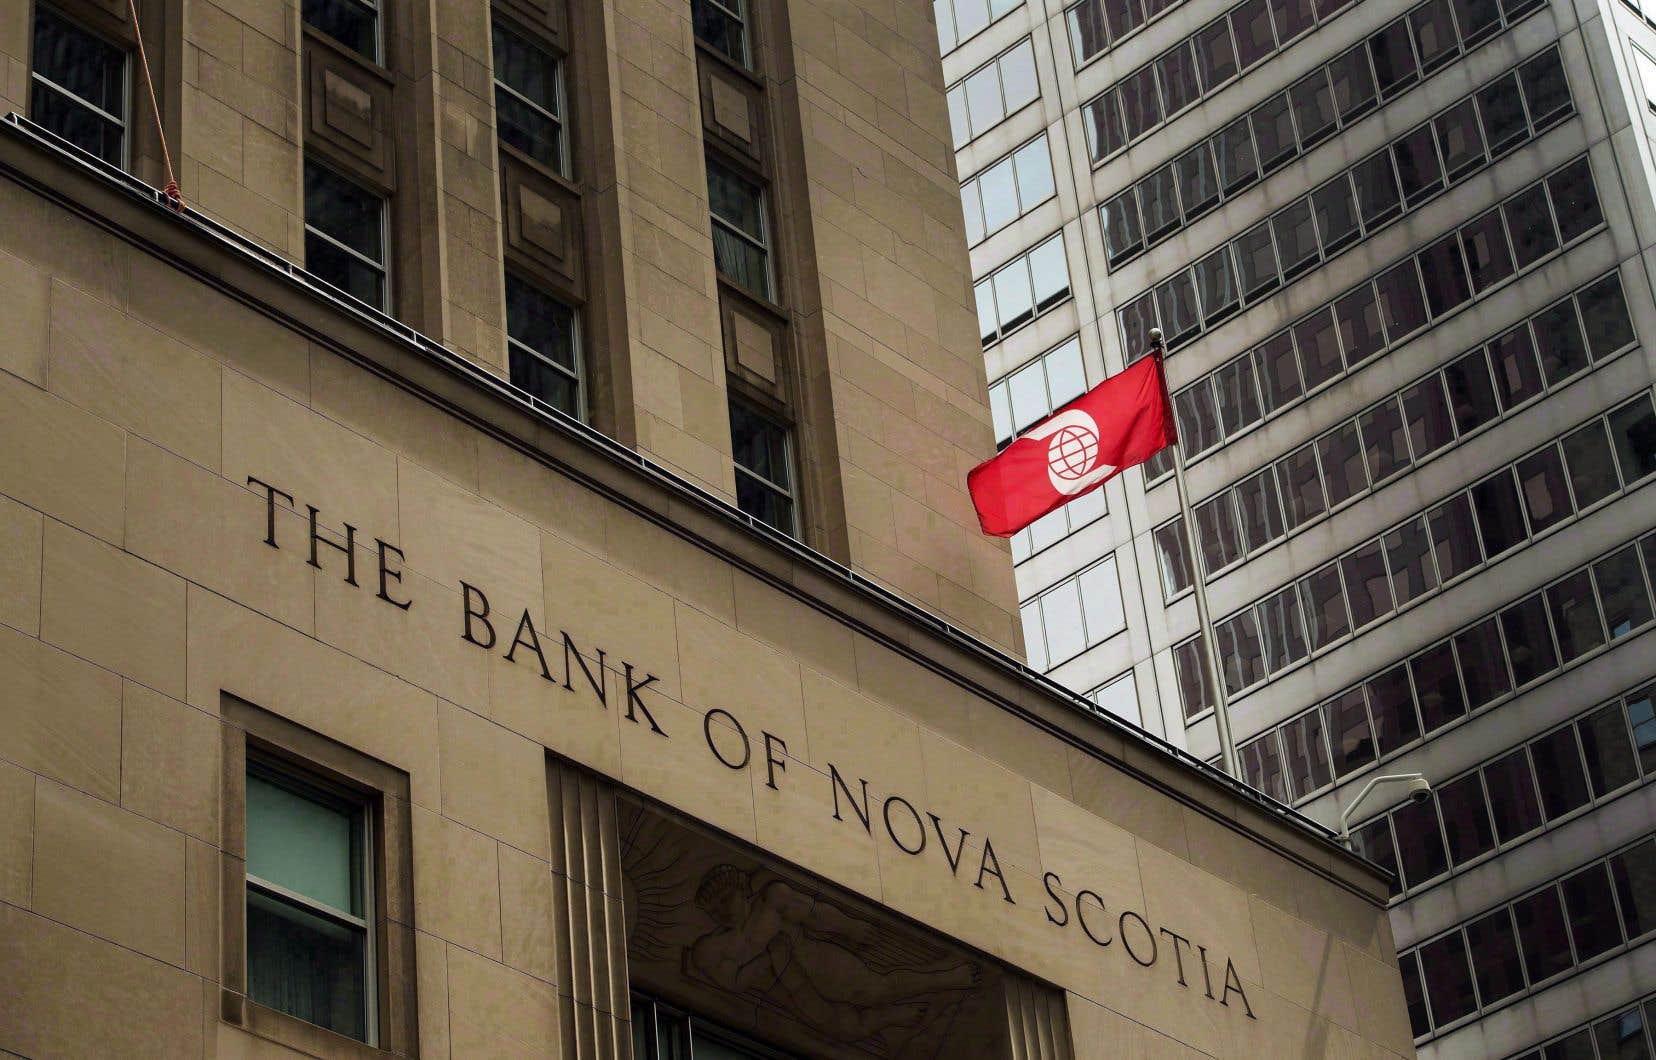 En mettant la main sur cet acteur indépendant de la finance montréalaise, dont les actifs sous gestion se situent à 40 milliards, la Banque Scotia portera à 166 milliards les sommes qu'elle gère pour ses clients.